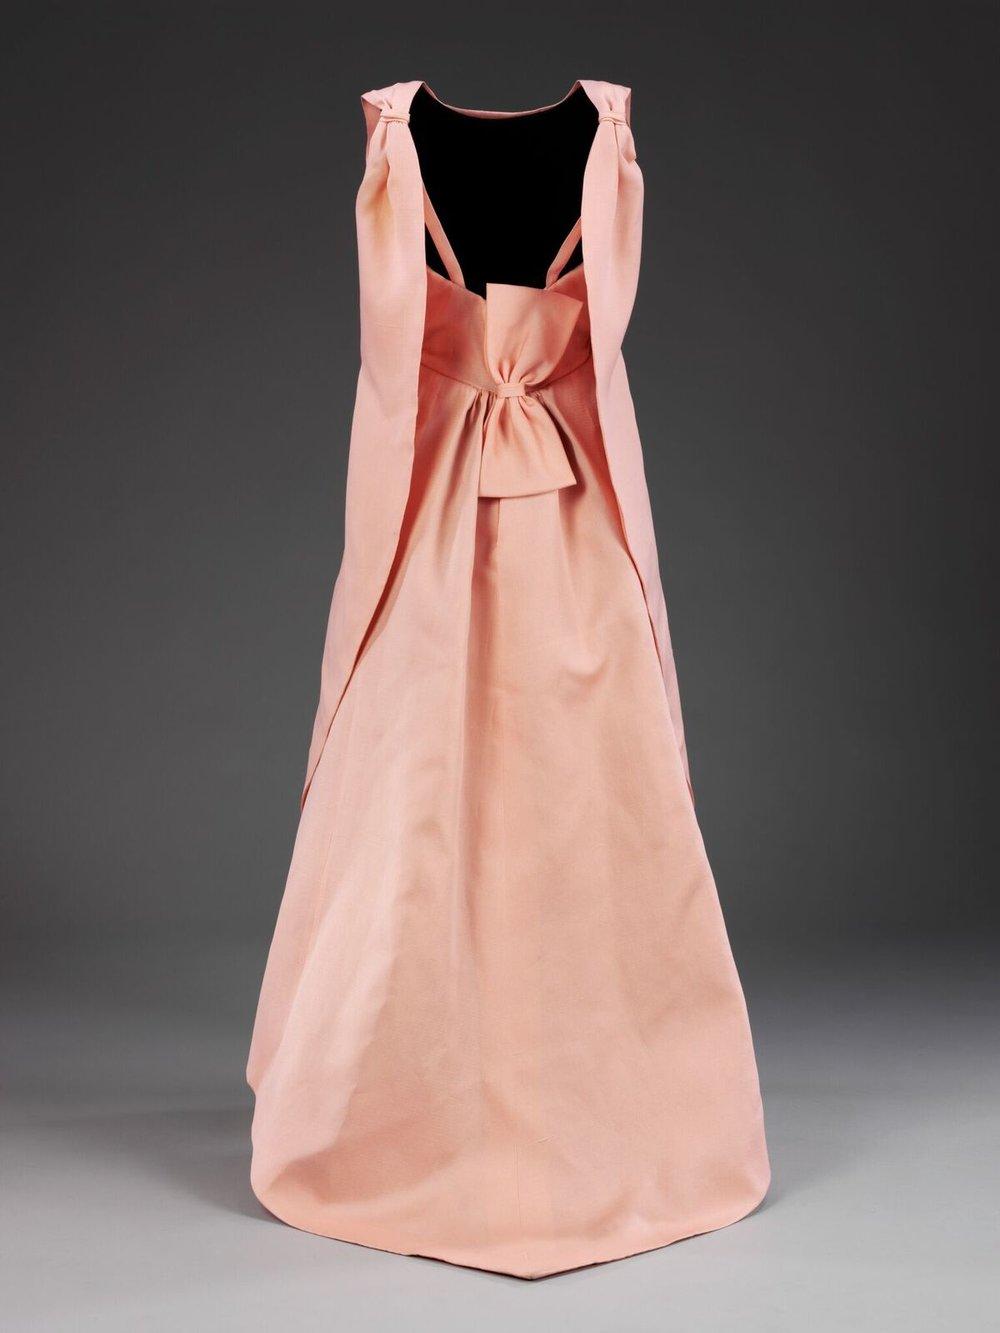 Balenciaga_exposition_robe longue rose.jpg